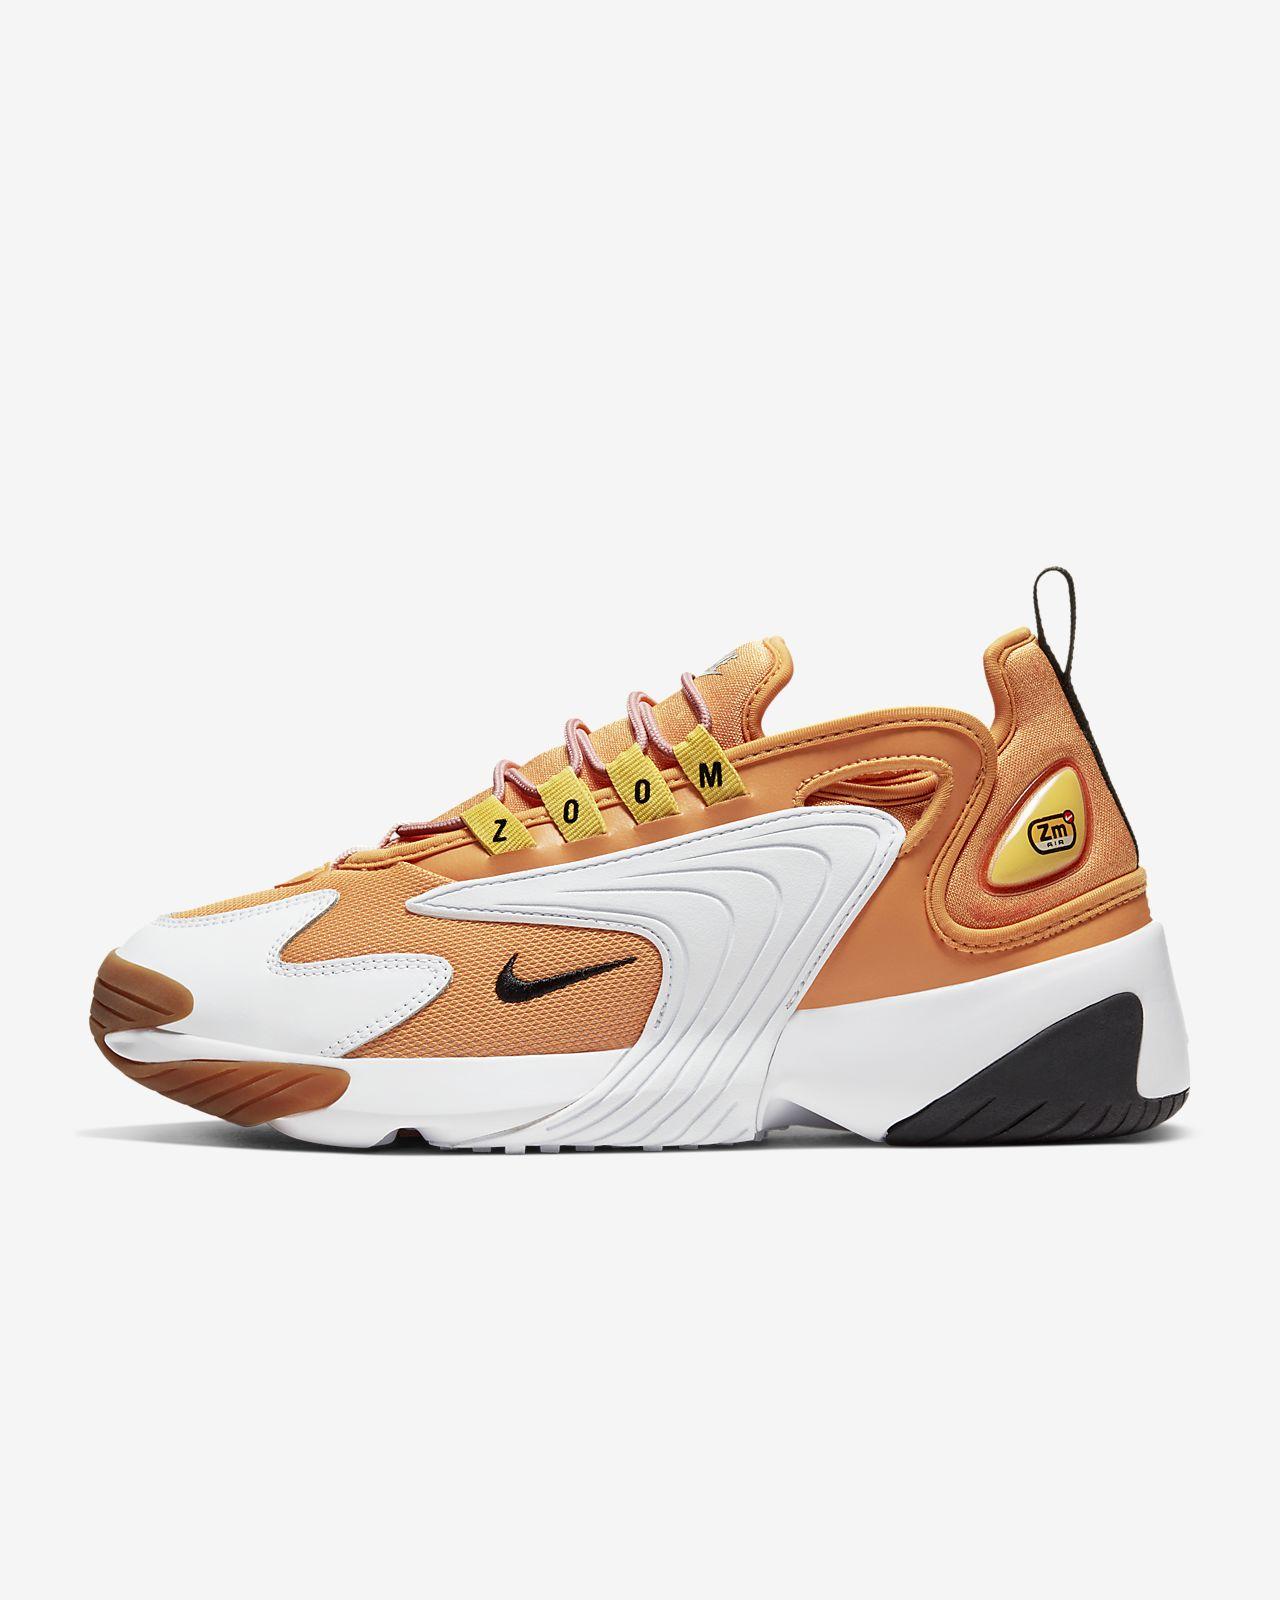 online shop deutschland sale Damen Schuhe, Nike UsA KZ Air